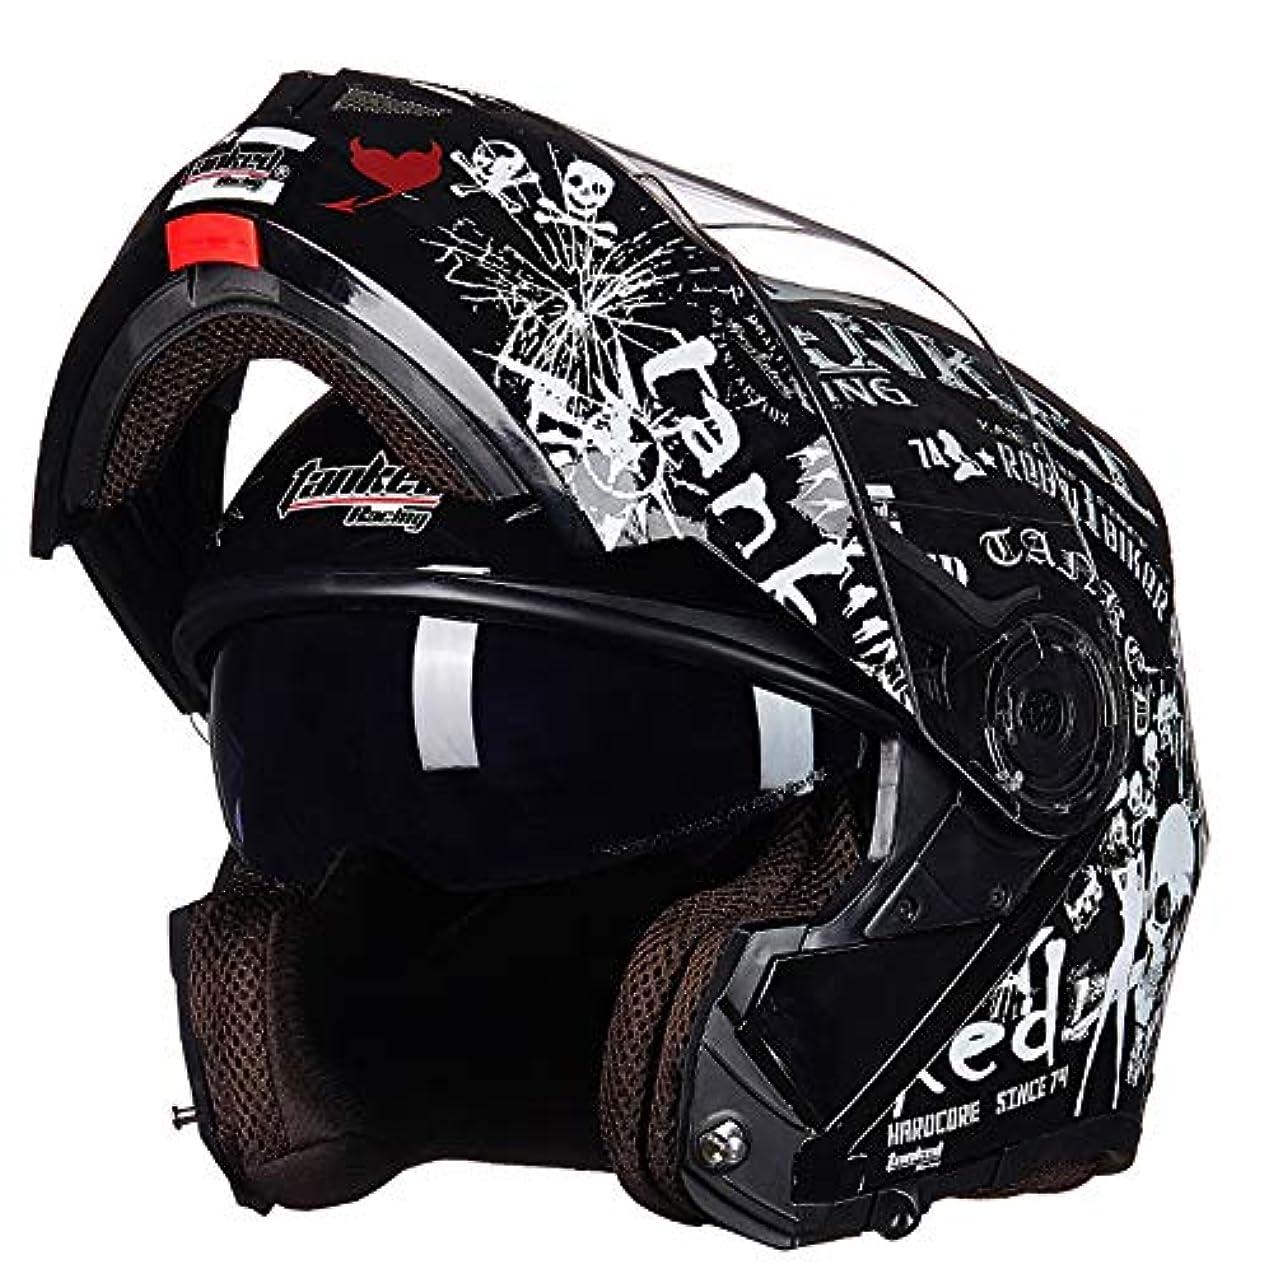 軍隊買い手タックルSafety 明るい黒オートバイフルフェイスヘルメットメンズダブルレンズオープンフェイスヘルメットフルカバー機関車オフロードヘルメット四季普遍的な美容落書き (Size : XL)